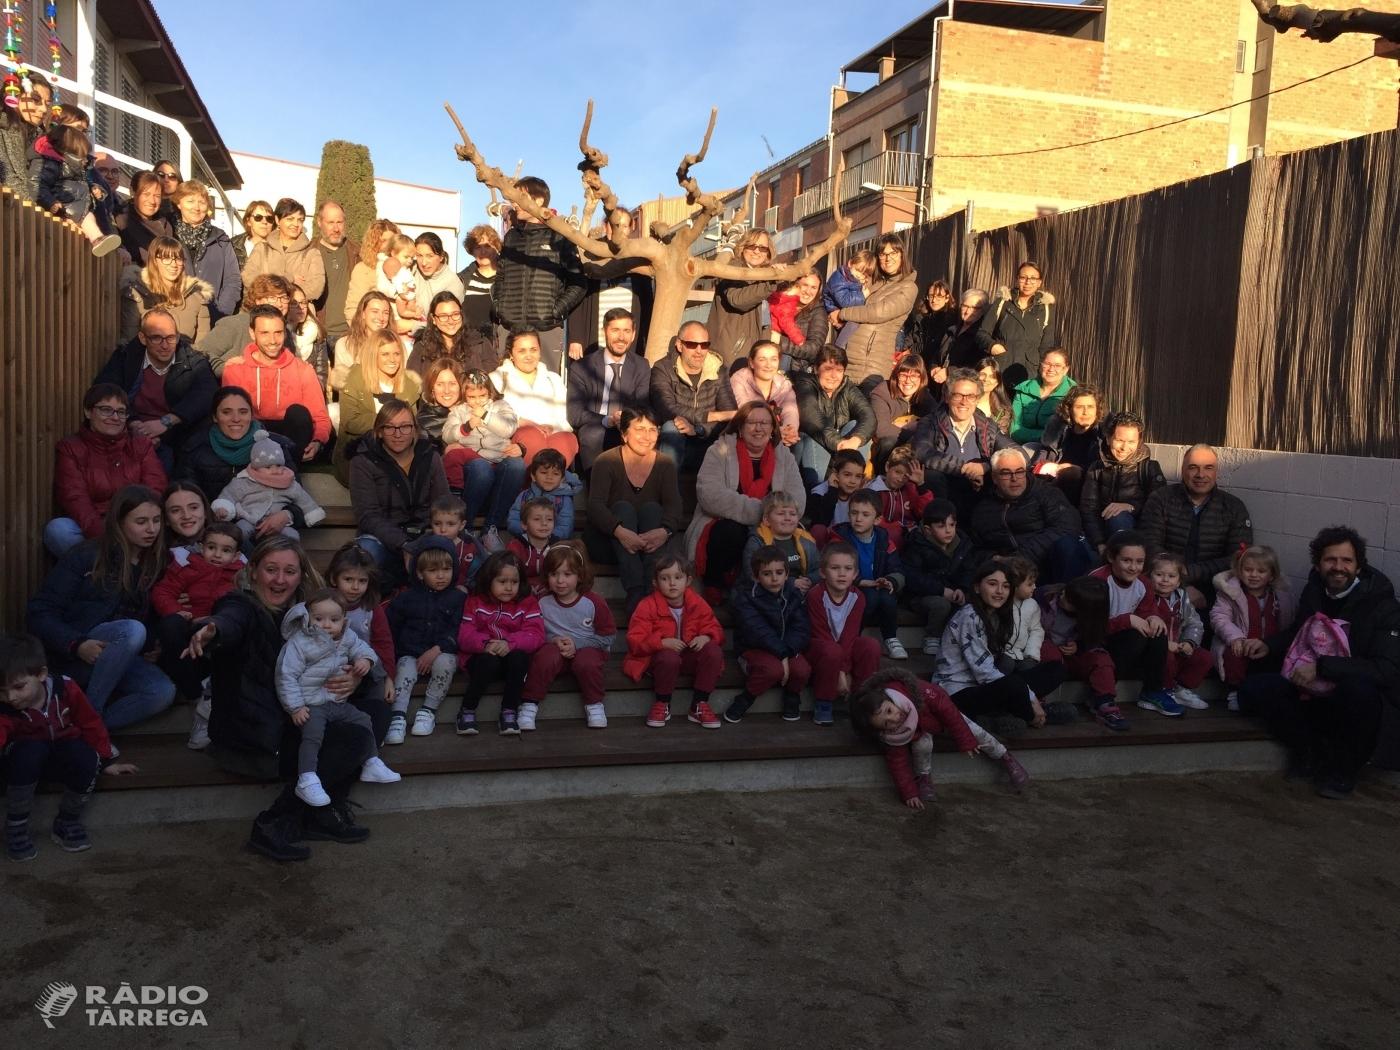 L'escola Vedruna de Tàrrega inaugura el seu nou pati d'Educació Infantil